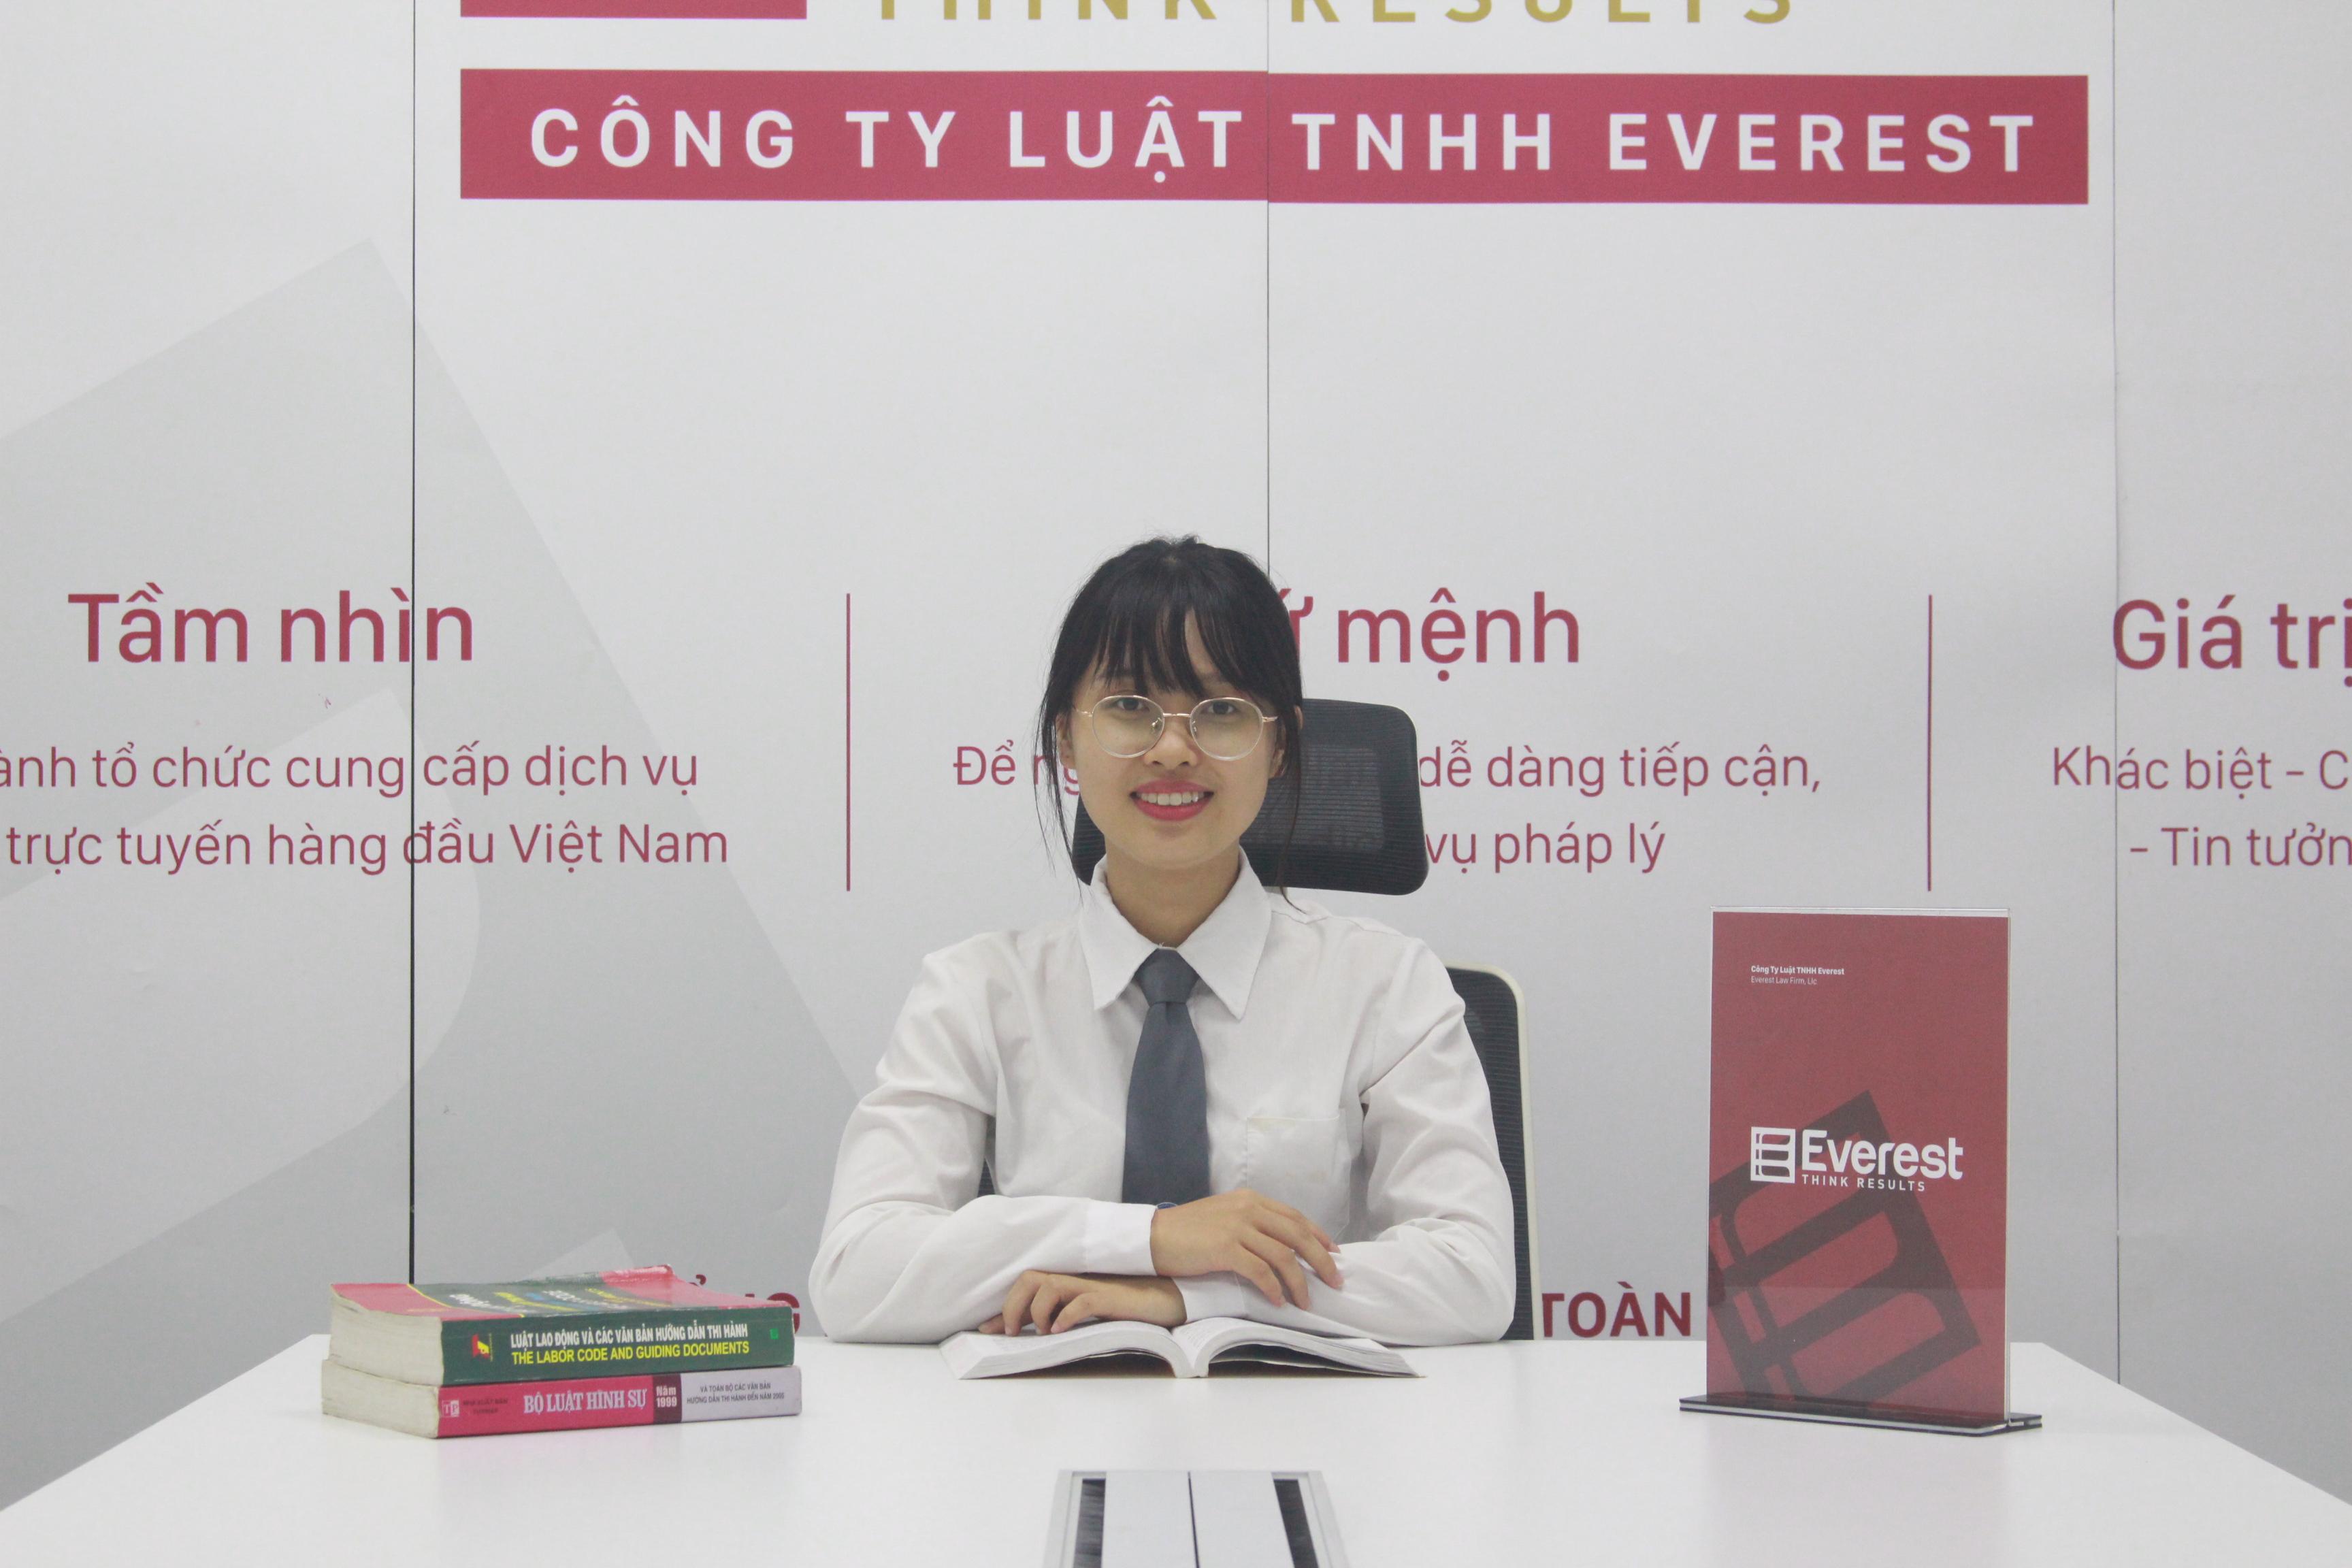 Luật gia Nguyễn Thị Hải Yến - Công ty Luật TNHH Everest